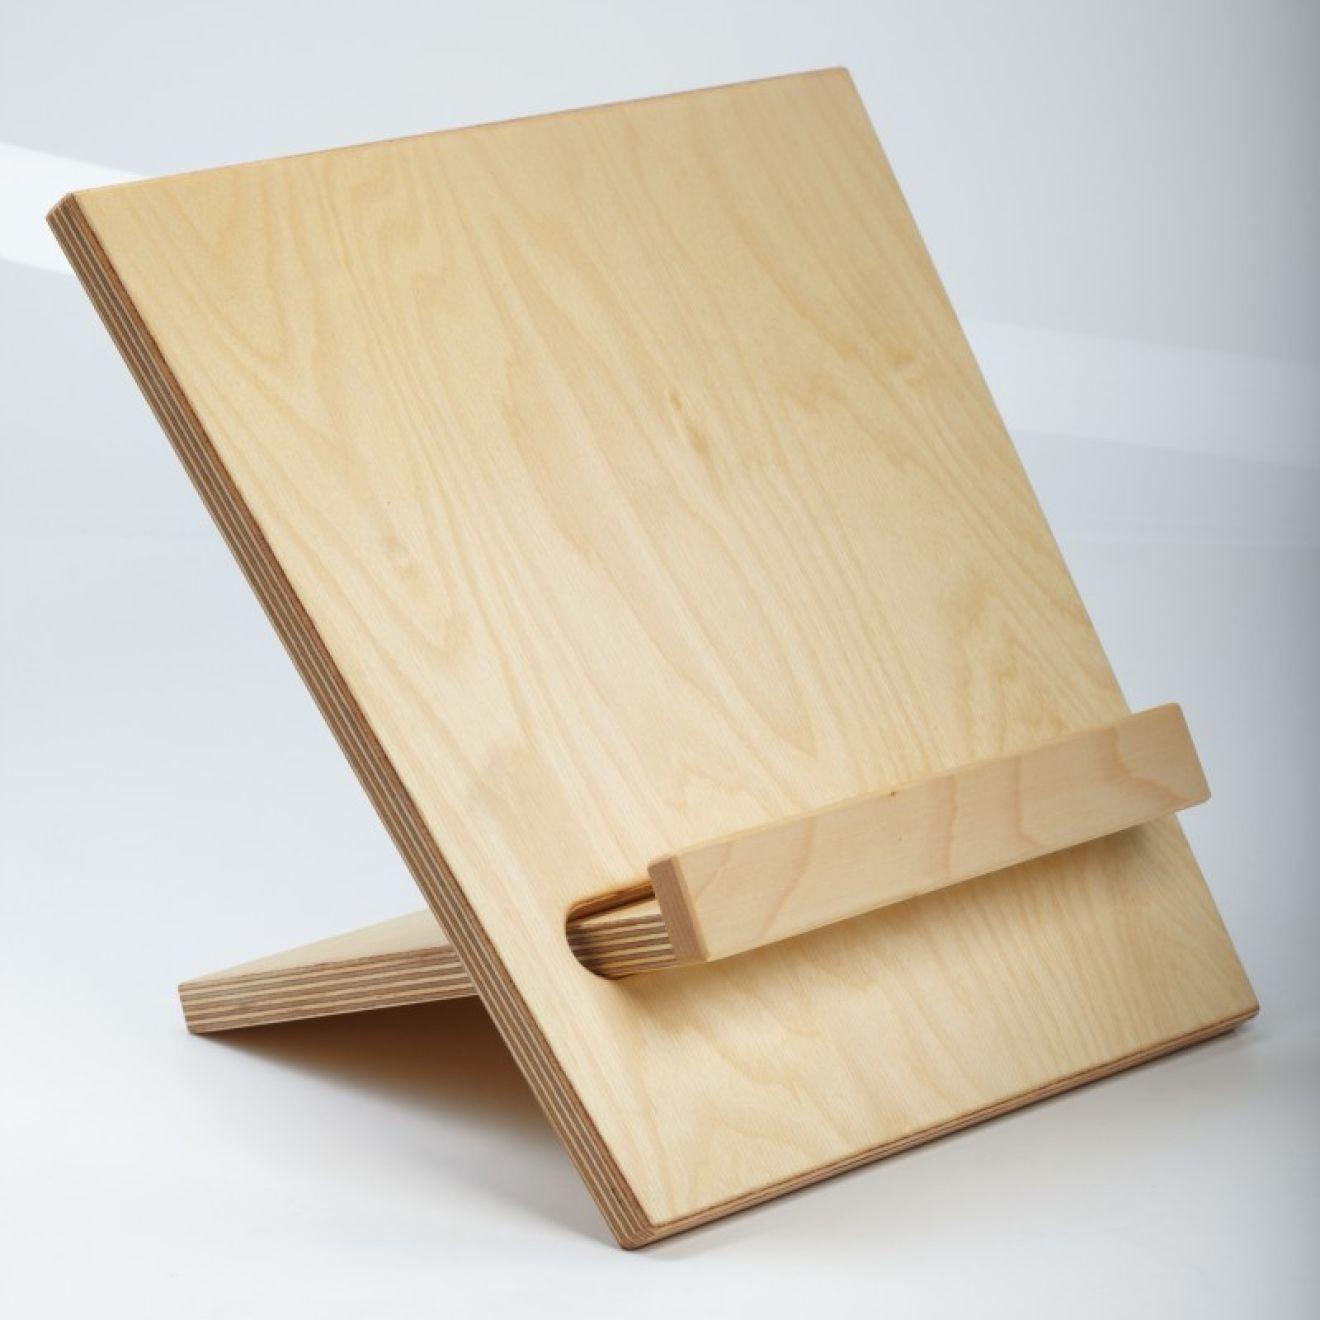 buchst tze aus holz birke buchst nder kochbuchhalter kochbuchst nder wertprodukte. Black Bedroom Furniture Sets. Home Design Ideas